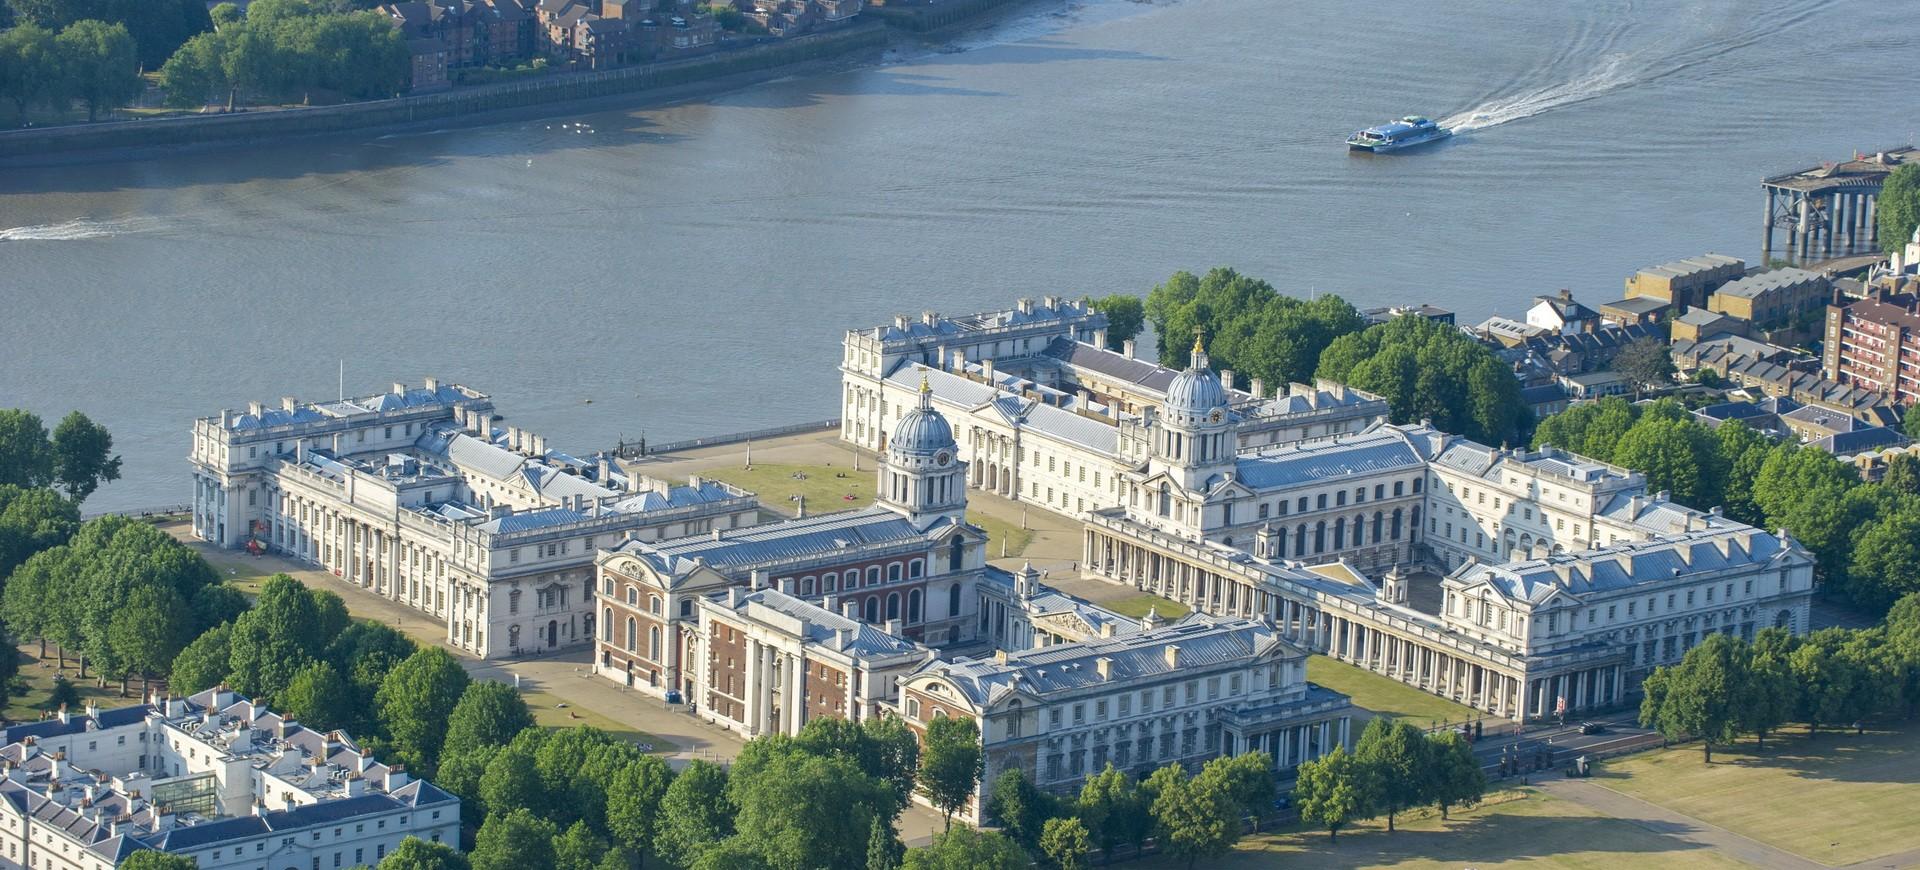 Greenwich Park et la Tamise